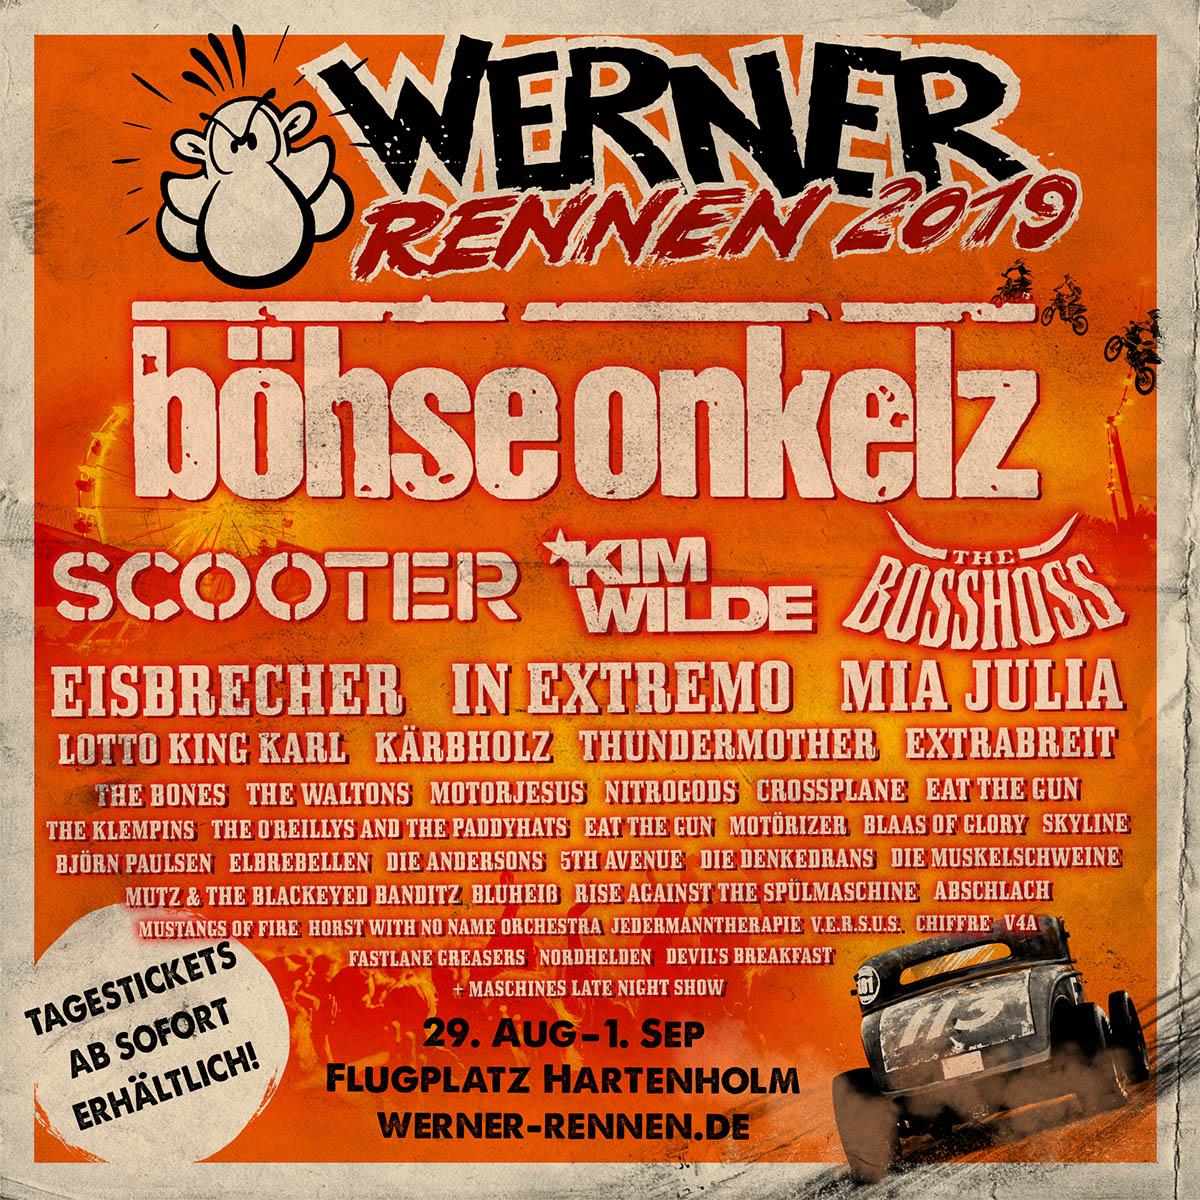 Bandbescheidgabe fürs Werner Rennen 2019